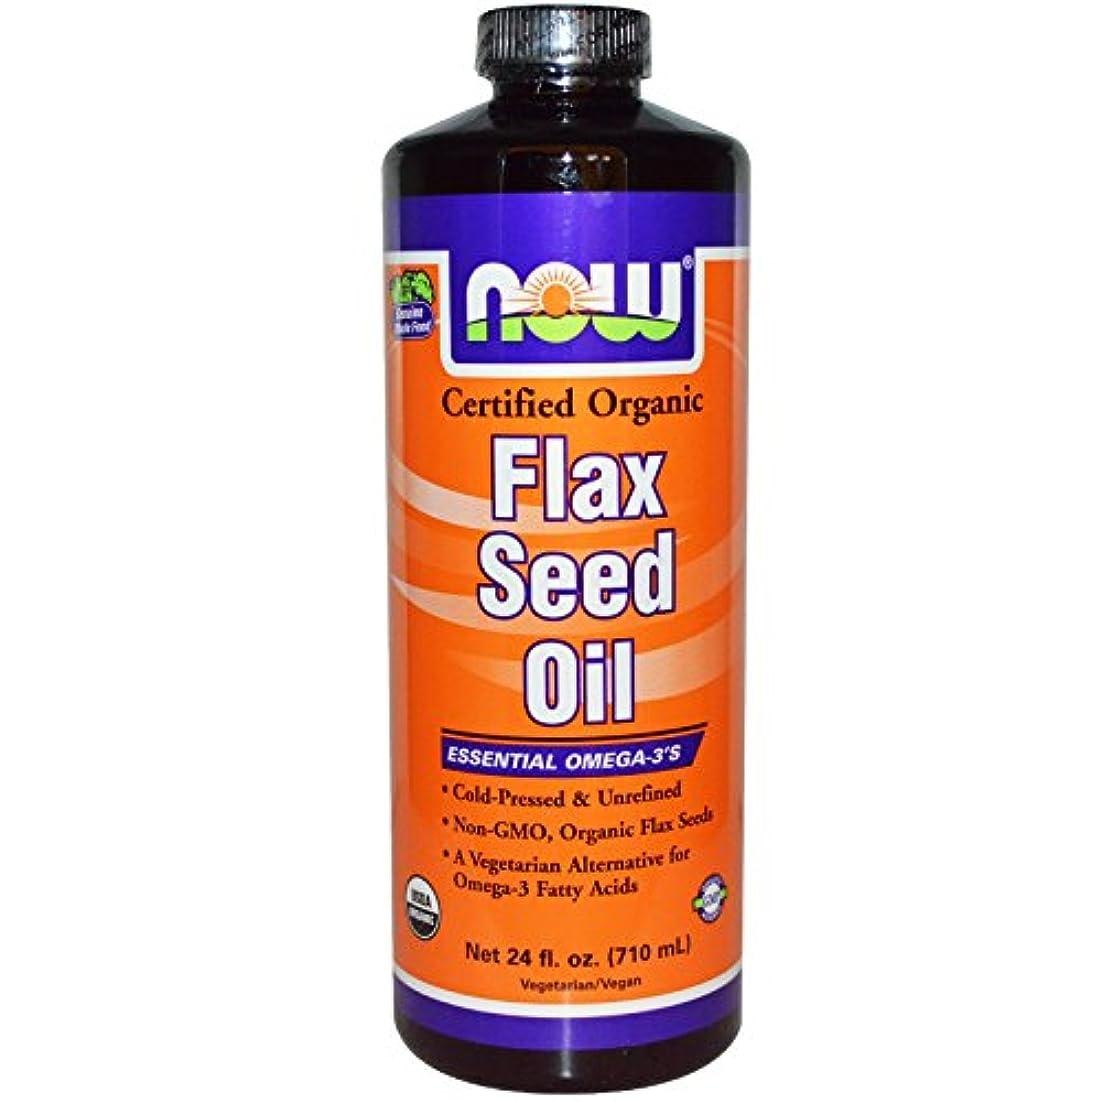 ローブ宣言重さFlax Seed Oil (Certified Organic) 24